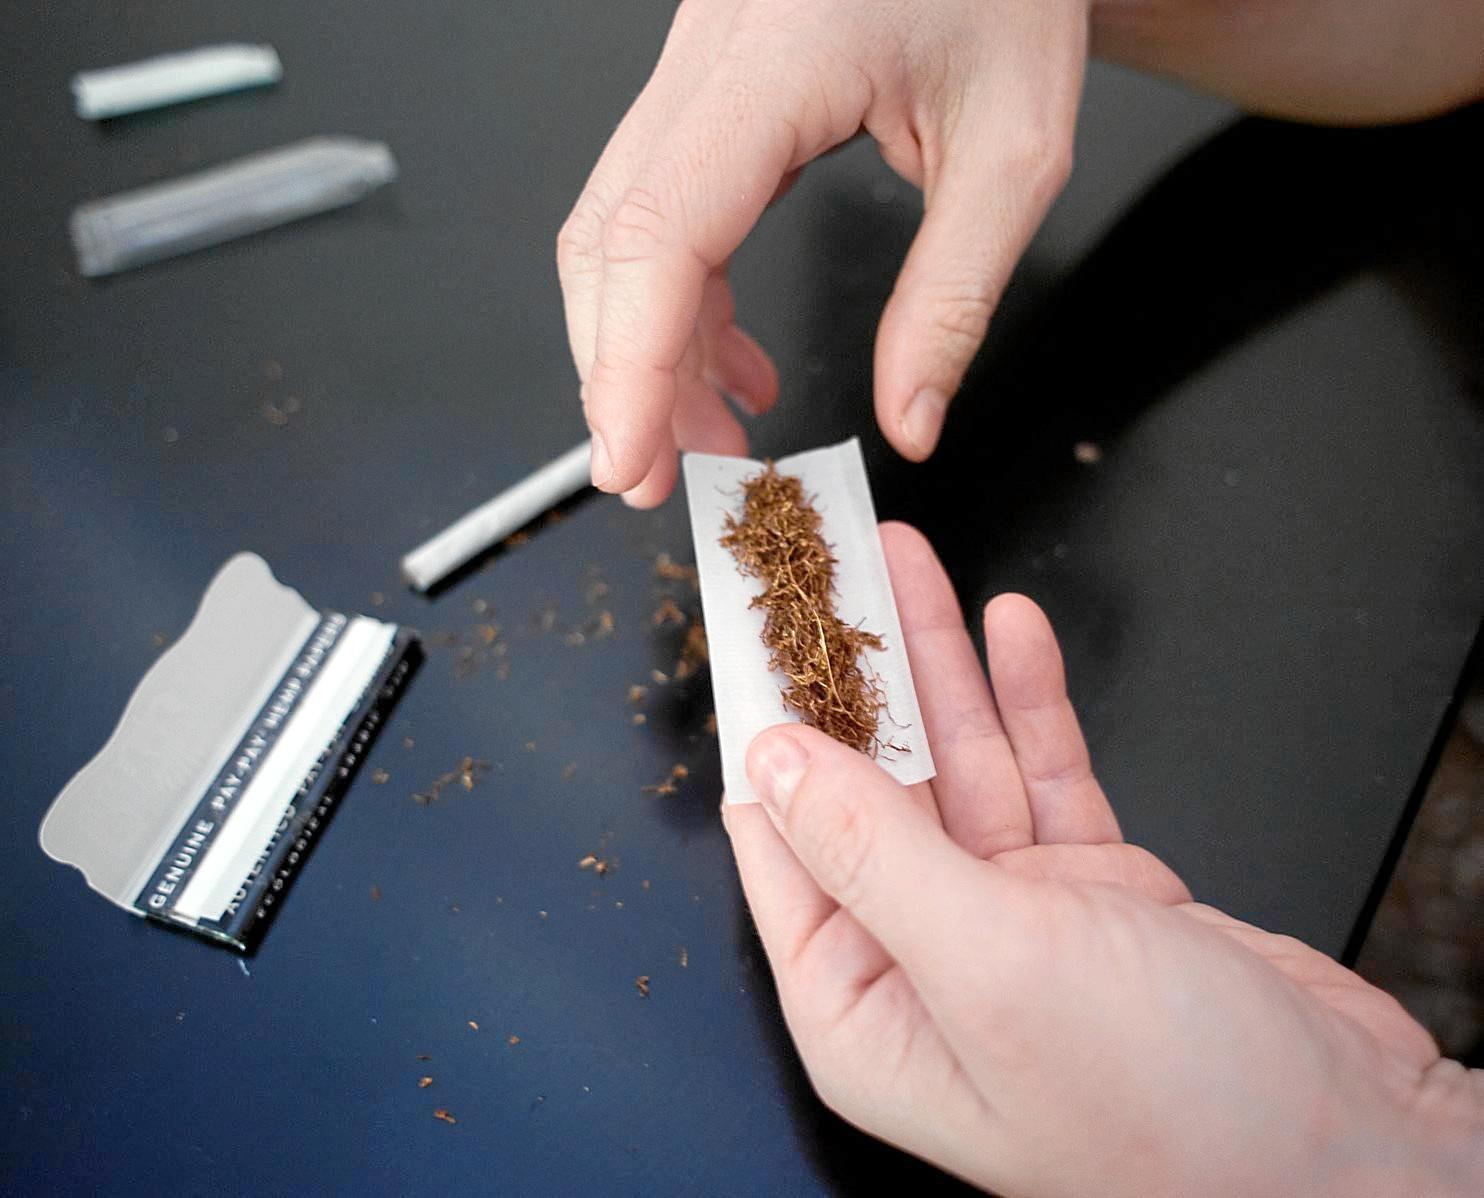 tabaco,dañino,dejar de fumar,cigarro,tabaquismo,nicotina